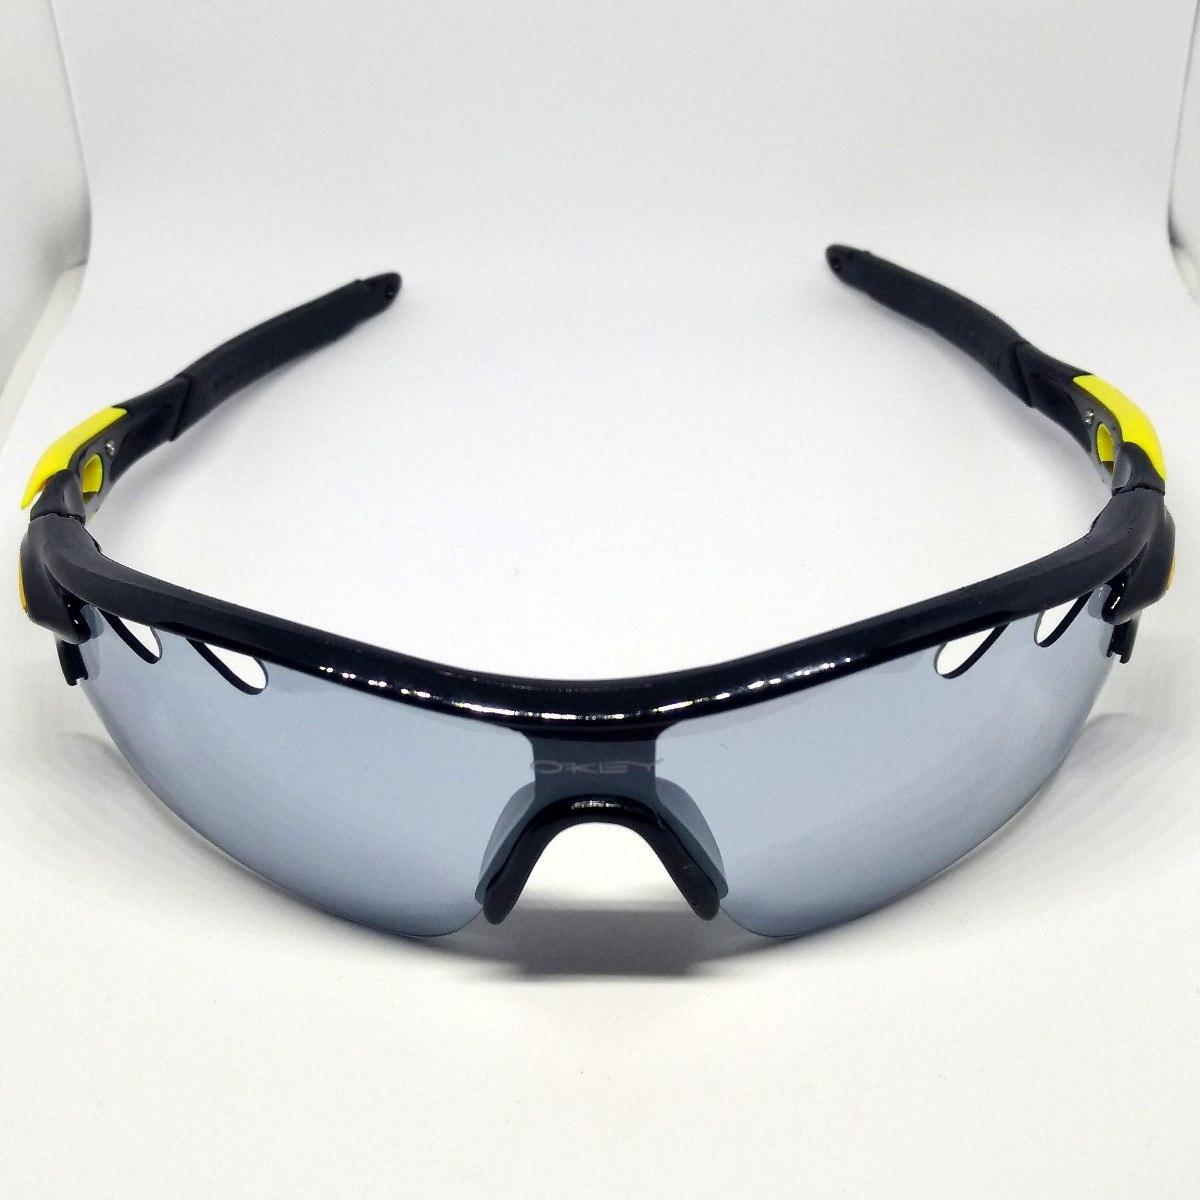 db83ac91d7aba oculos de sol e visao noturna p  dirigir a noite ciclismo. Carregando zoom.